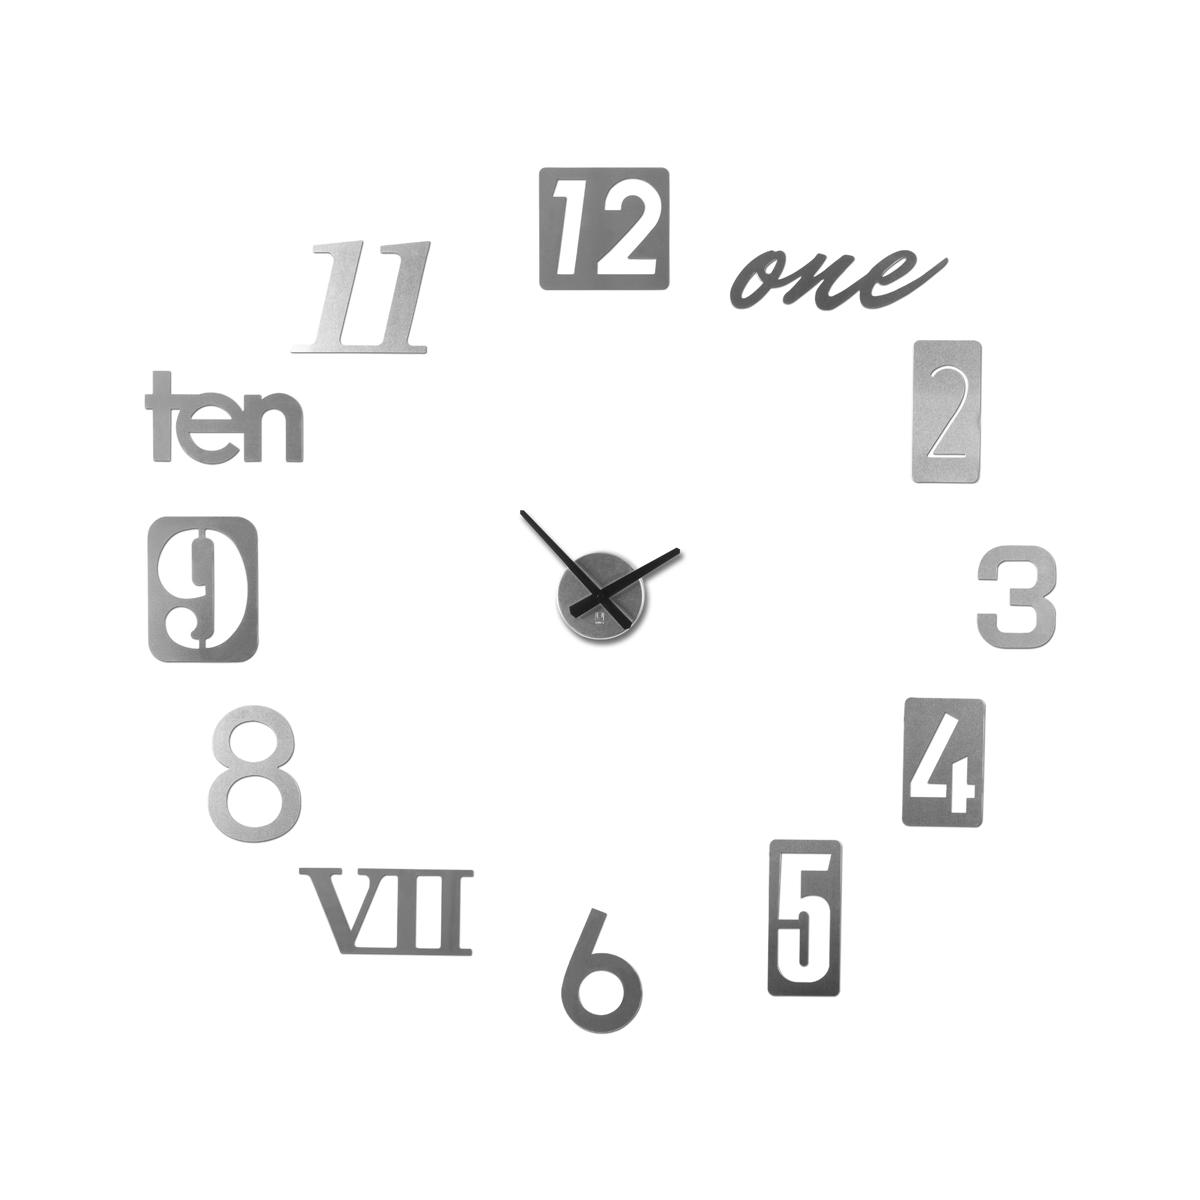 Часы настенные Umbra Numbra94672Вдохновением к созданию таких необычных часов послужили таблички с номерами домов на туманных английский улочках. Каждый элемент часов Numbra крепится отдельно, таким образом вы можете сами решить, на каком расстоянии цифры будут располагаться друг относительно друга, будут ли они кругом, ромбом, треугольником. Можно расположить их близко по трафарету, который идет в комплекте, а можно на расстоянии, задействовав все пространство любой скучной и пустой стены.В комплекте 12 металлических цифр, механизм со стрелками, трафарет, а также специальная монтажная липучка для крепления часов к стене.Механизм работает при помощи двух батареек АА. Таблички с цифрами делятся на три вида по размеру: 22.9 х 7.6 см, 17.8 х 17.8 см и 15.2 х 10.7 см